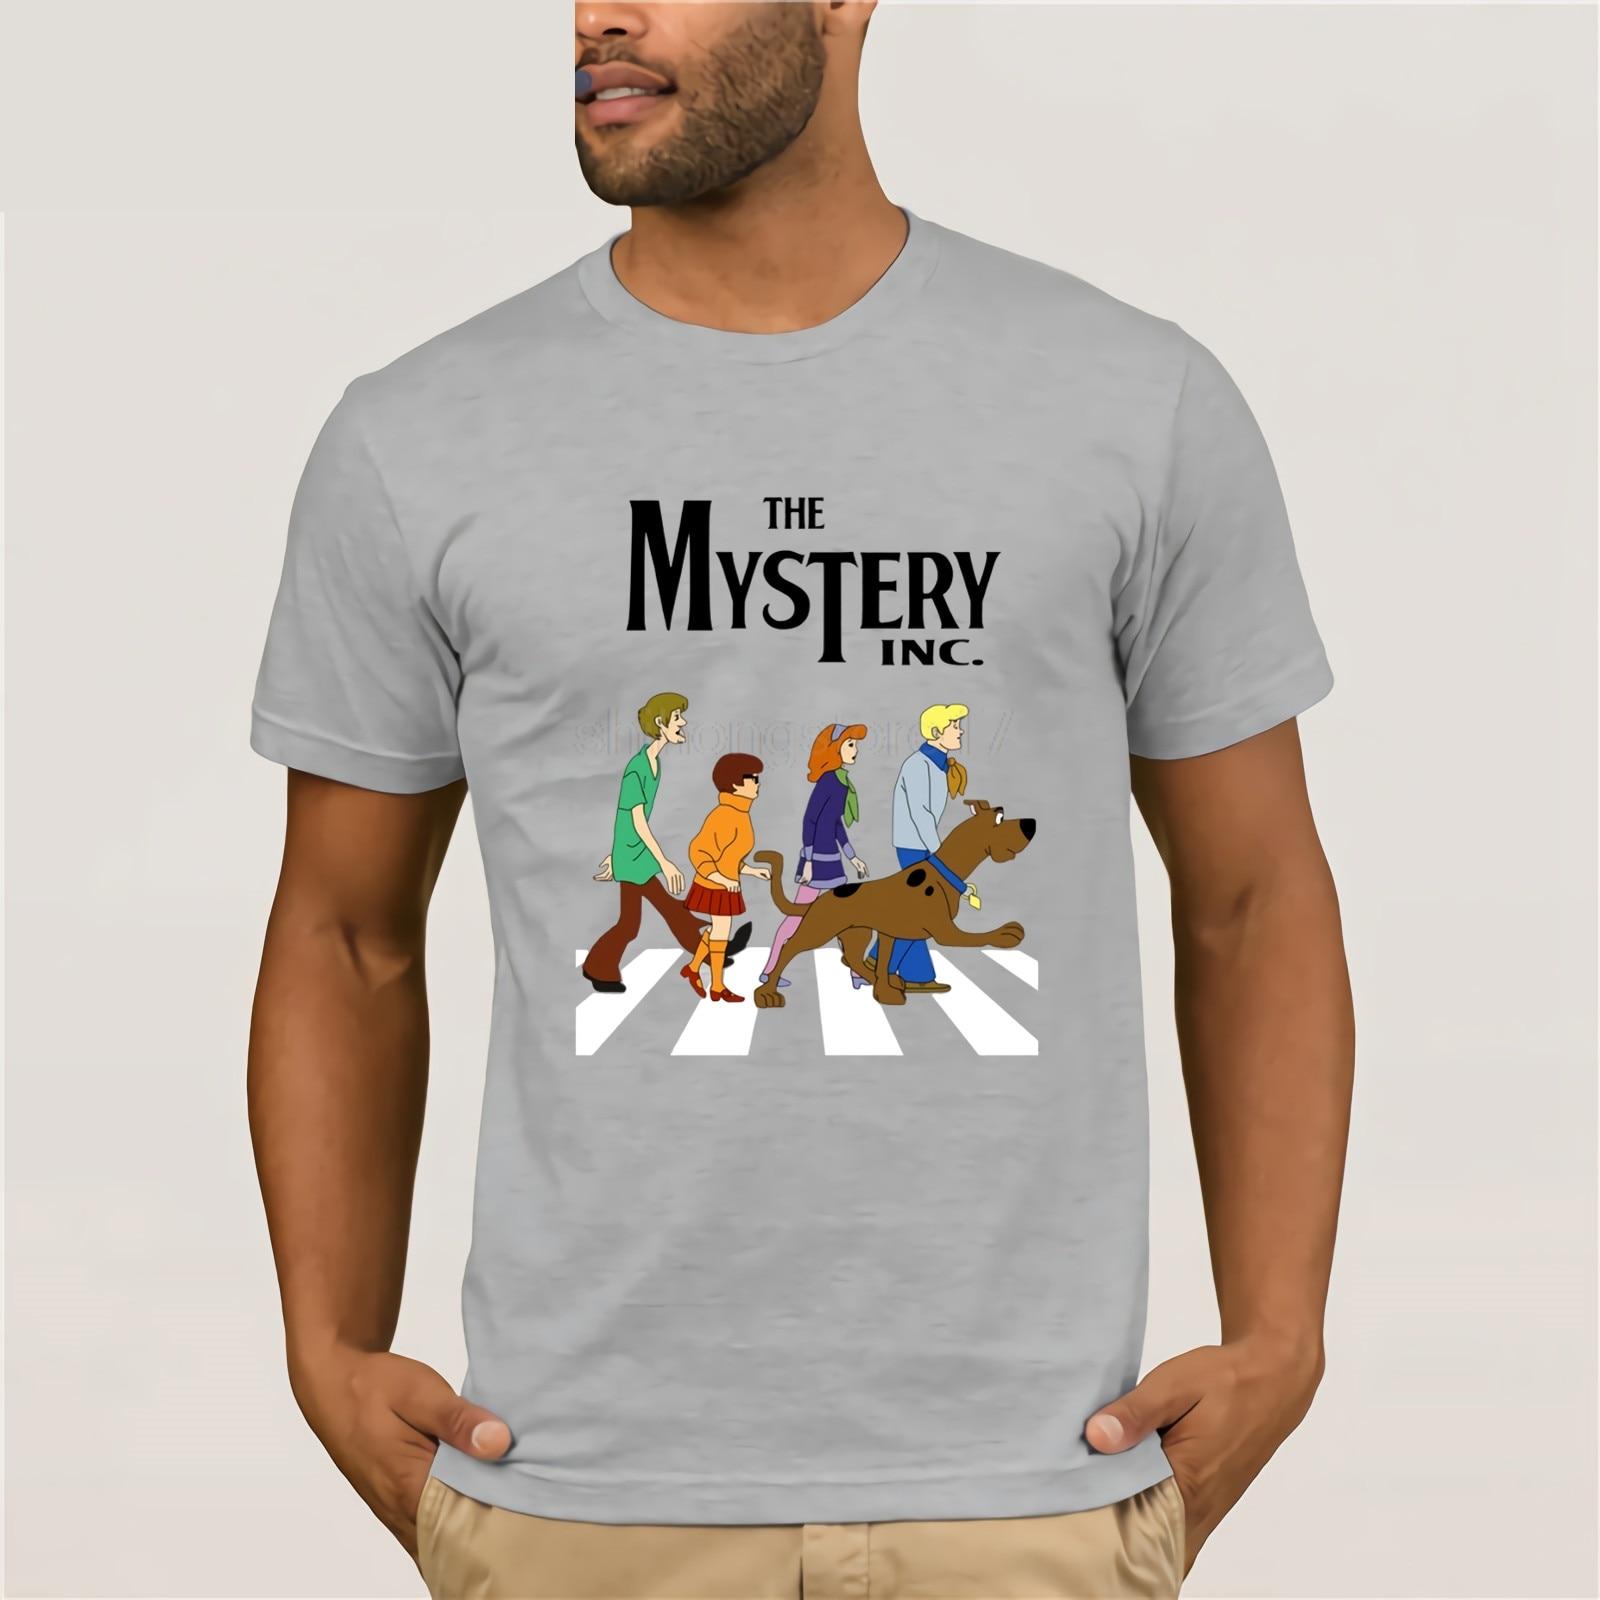 Kühlen Scooby Doo T Mann Runde Kragen Große Größe Scooby-Doo T Shirt Für Männer Casual Camiseta Men T Shirt Short Sleeve Round